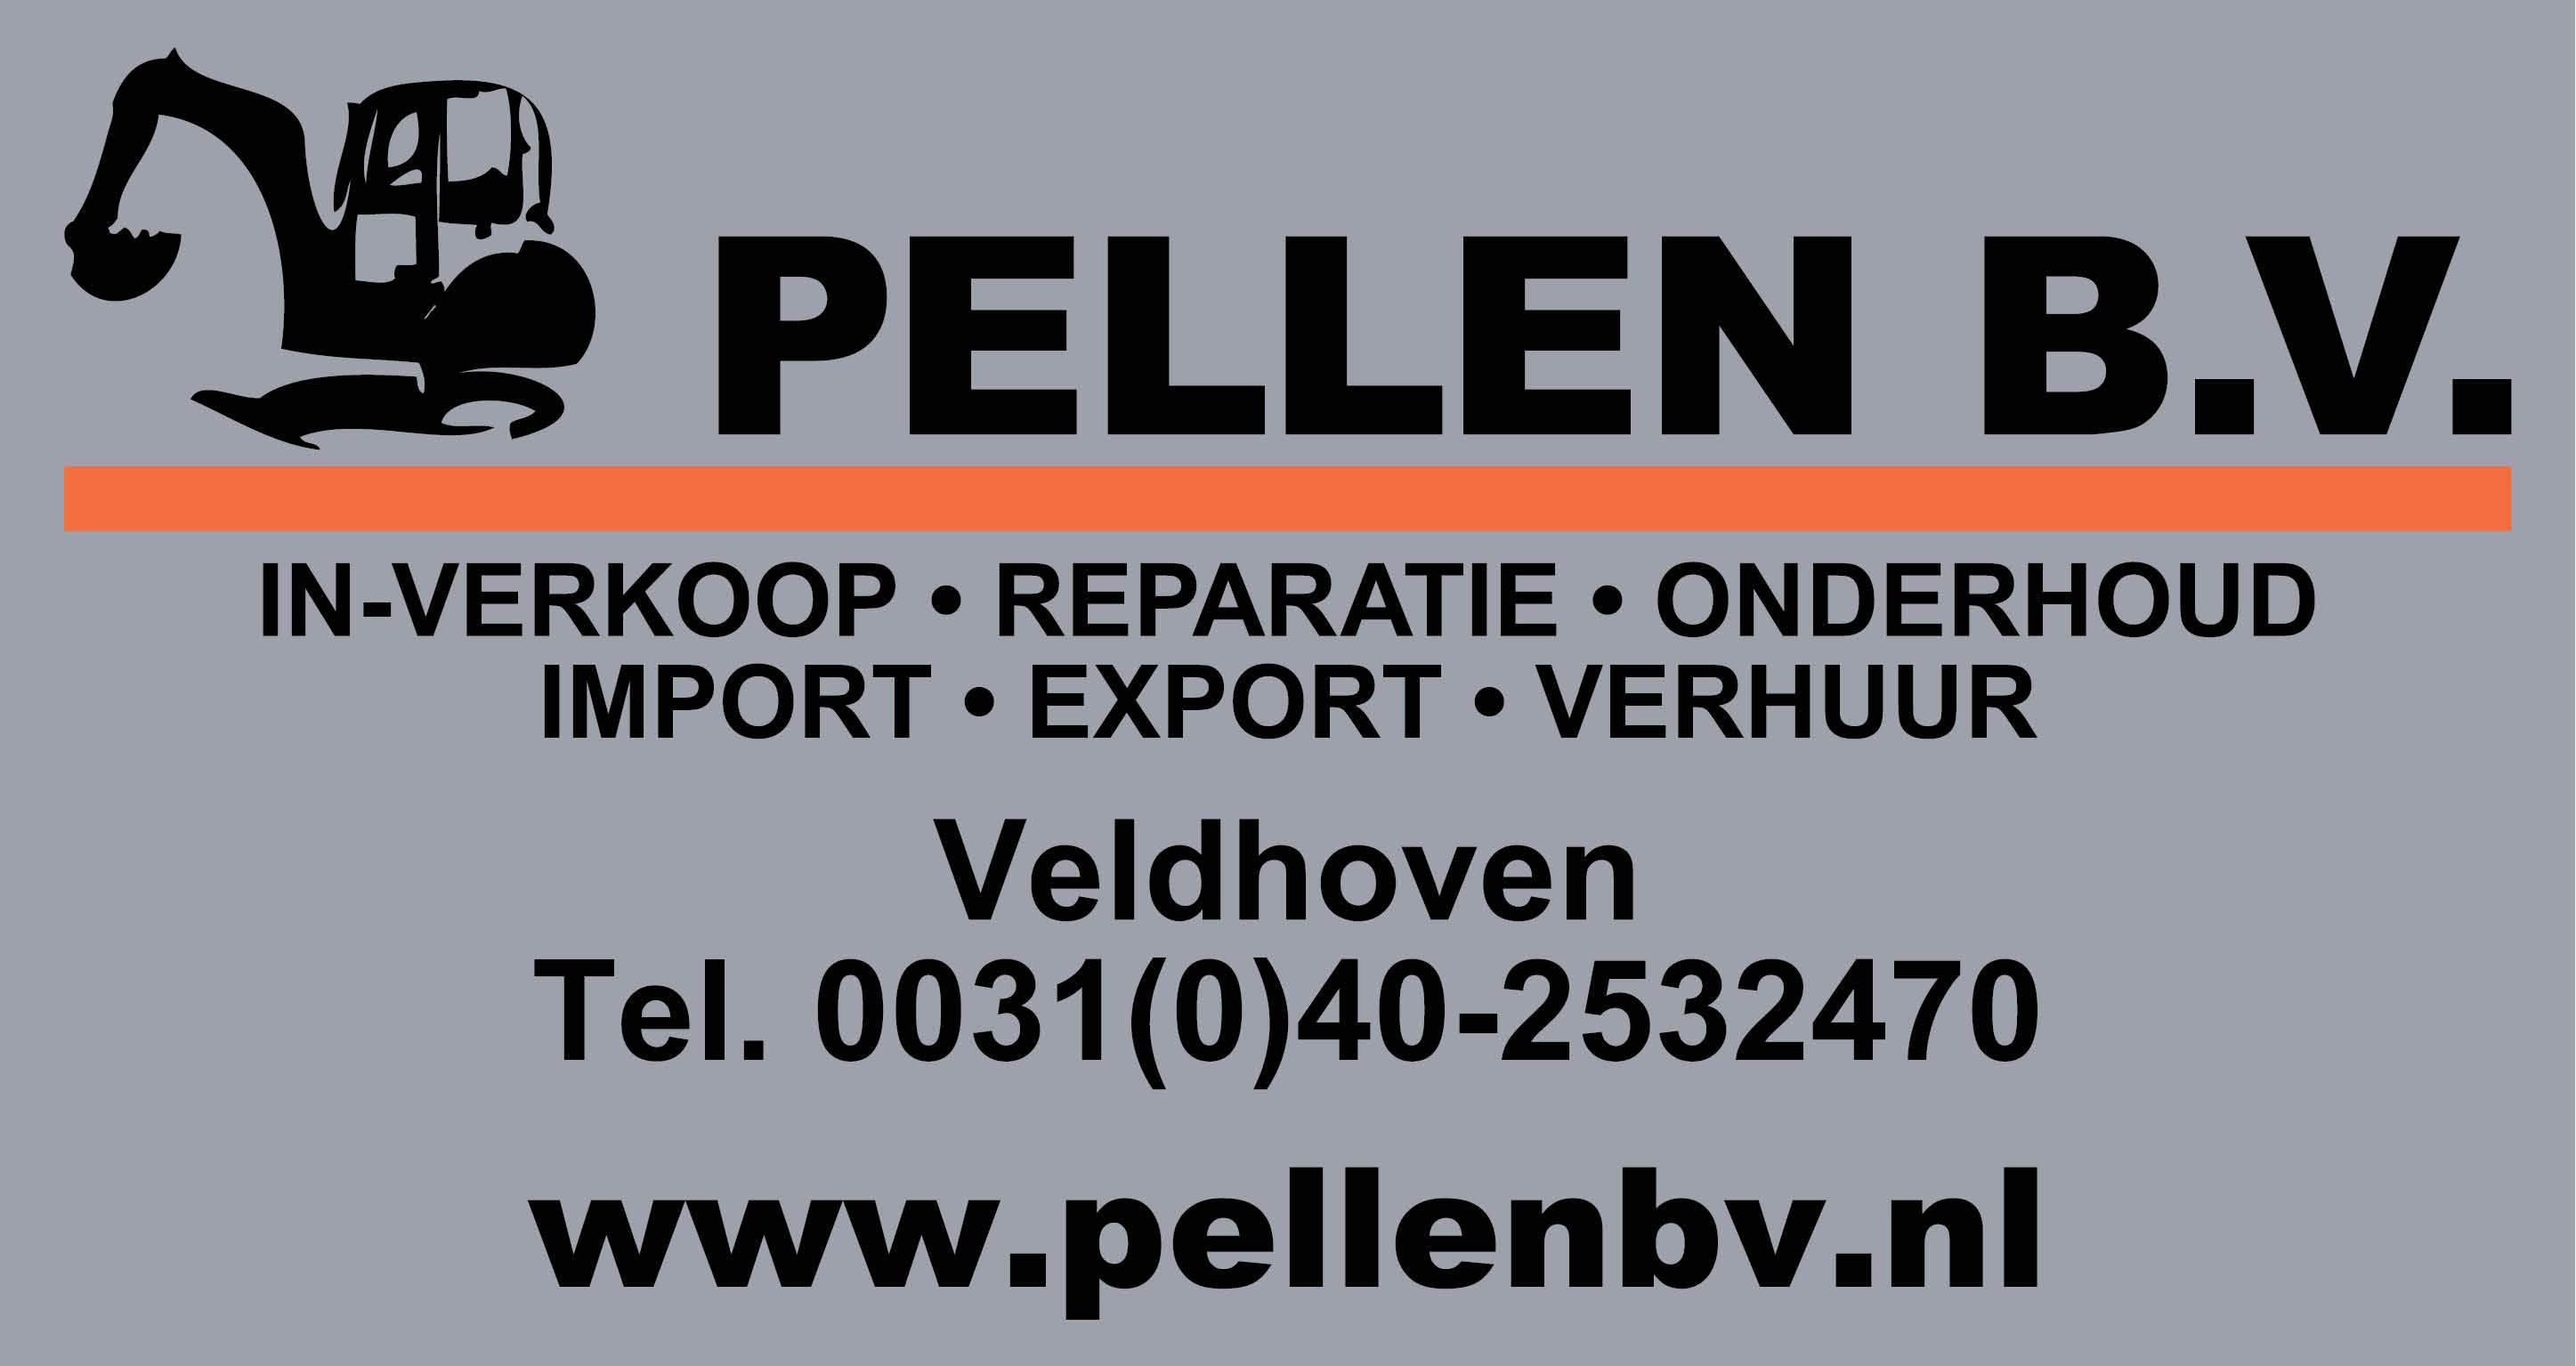 Pellen BV